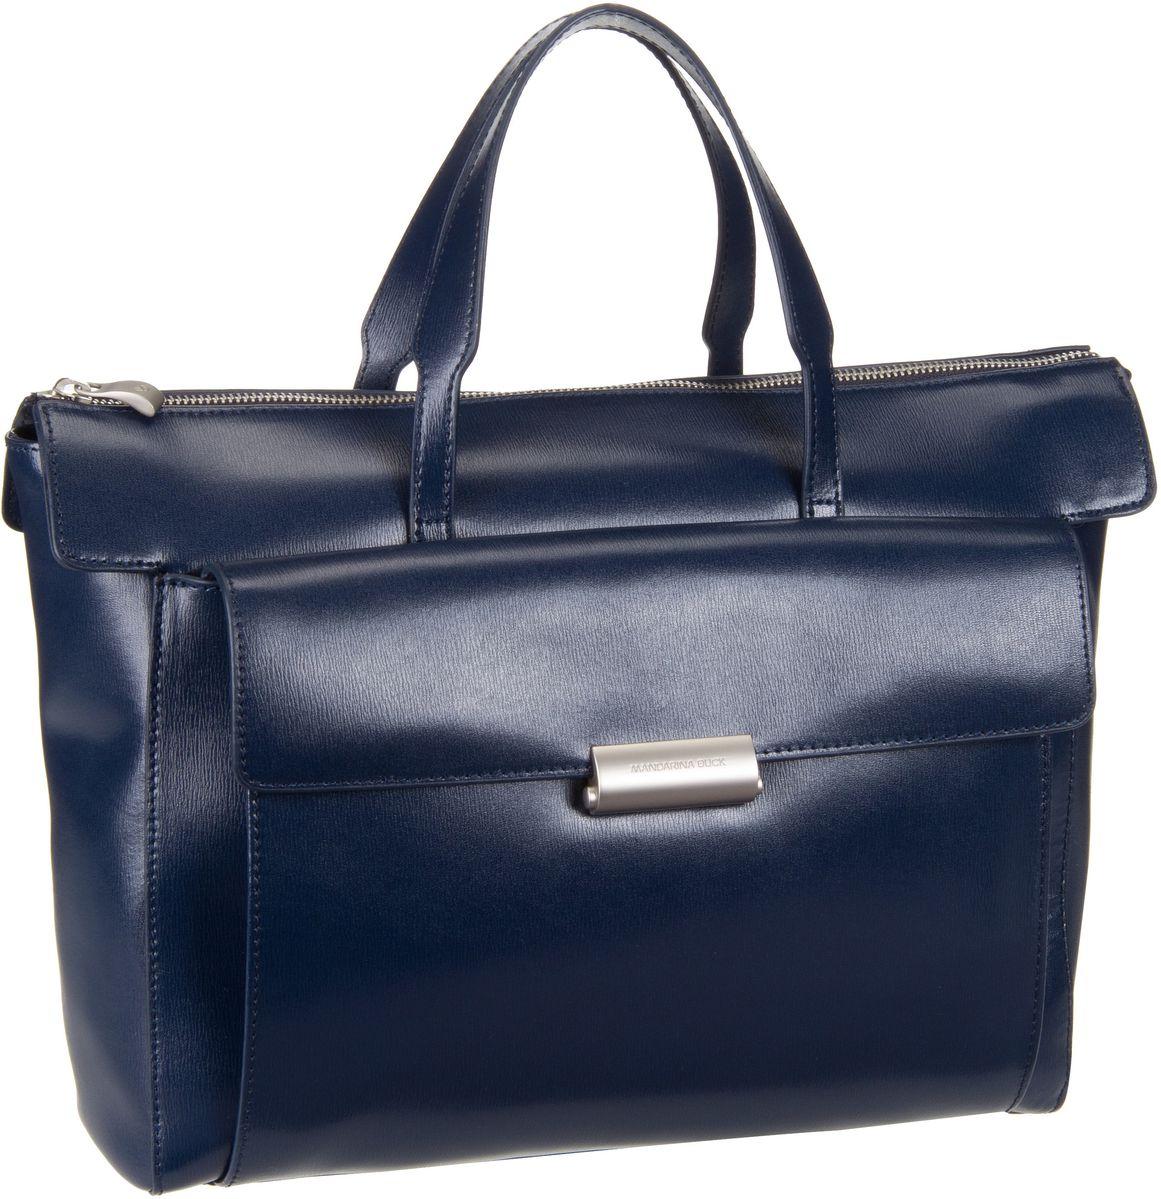 Businesstaschen für Frauen - Mandarina Duck Aktentasche Hera 3.0 Handbag RAT01 Dress Blue  - Onlineshop Taschenkaufhaus